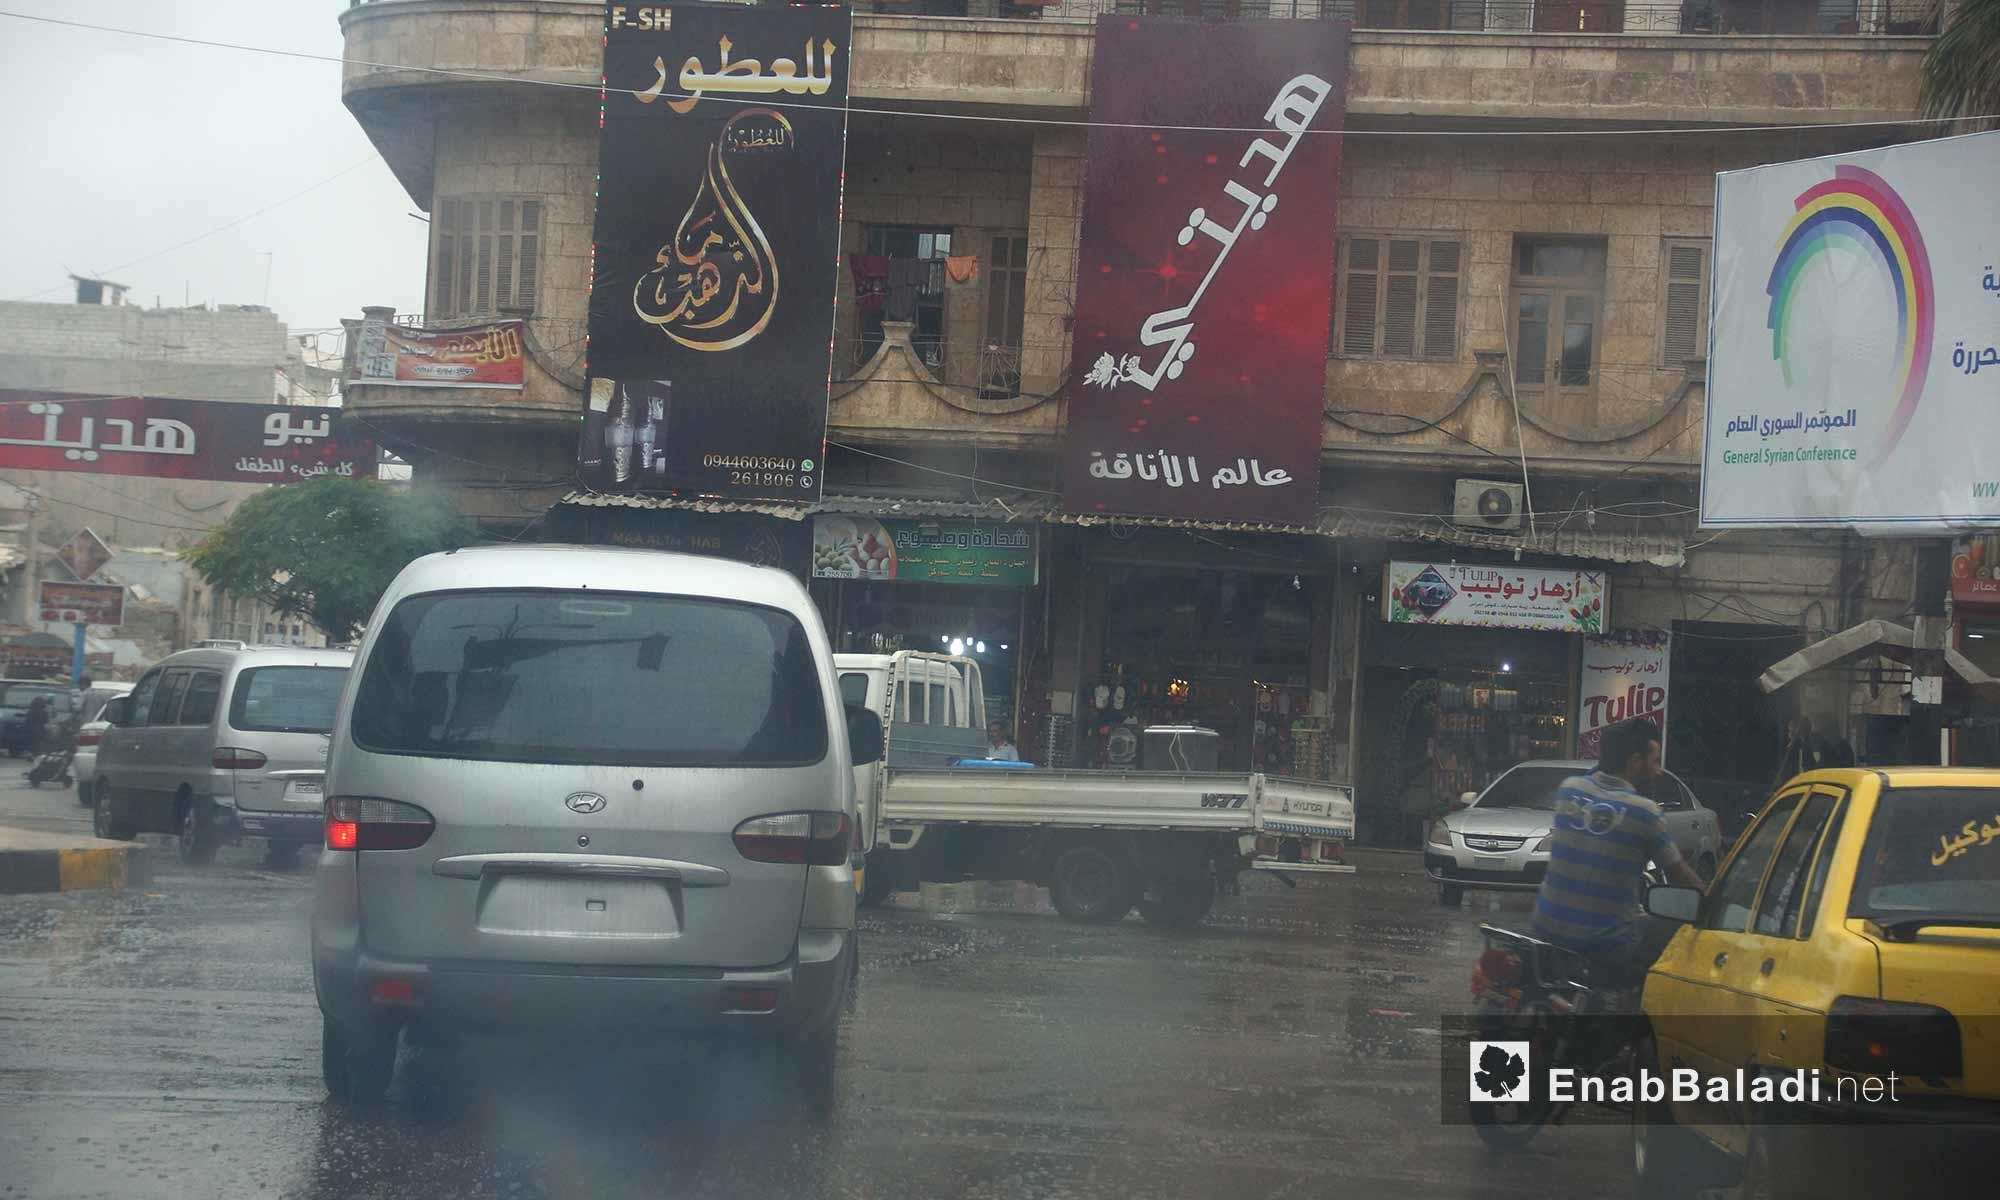 سيارات تحت المطر في مدينة إدلب - 9 تشرين الأول 2017 (عنب بلدي)